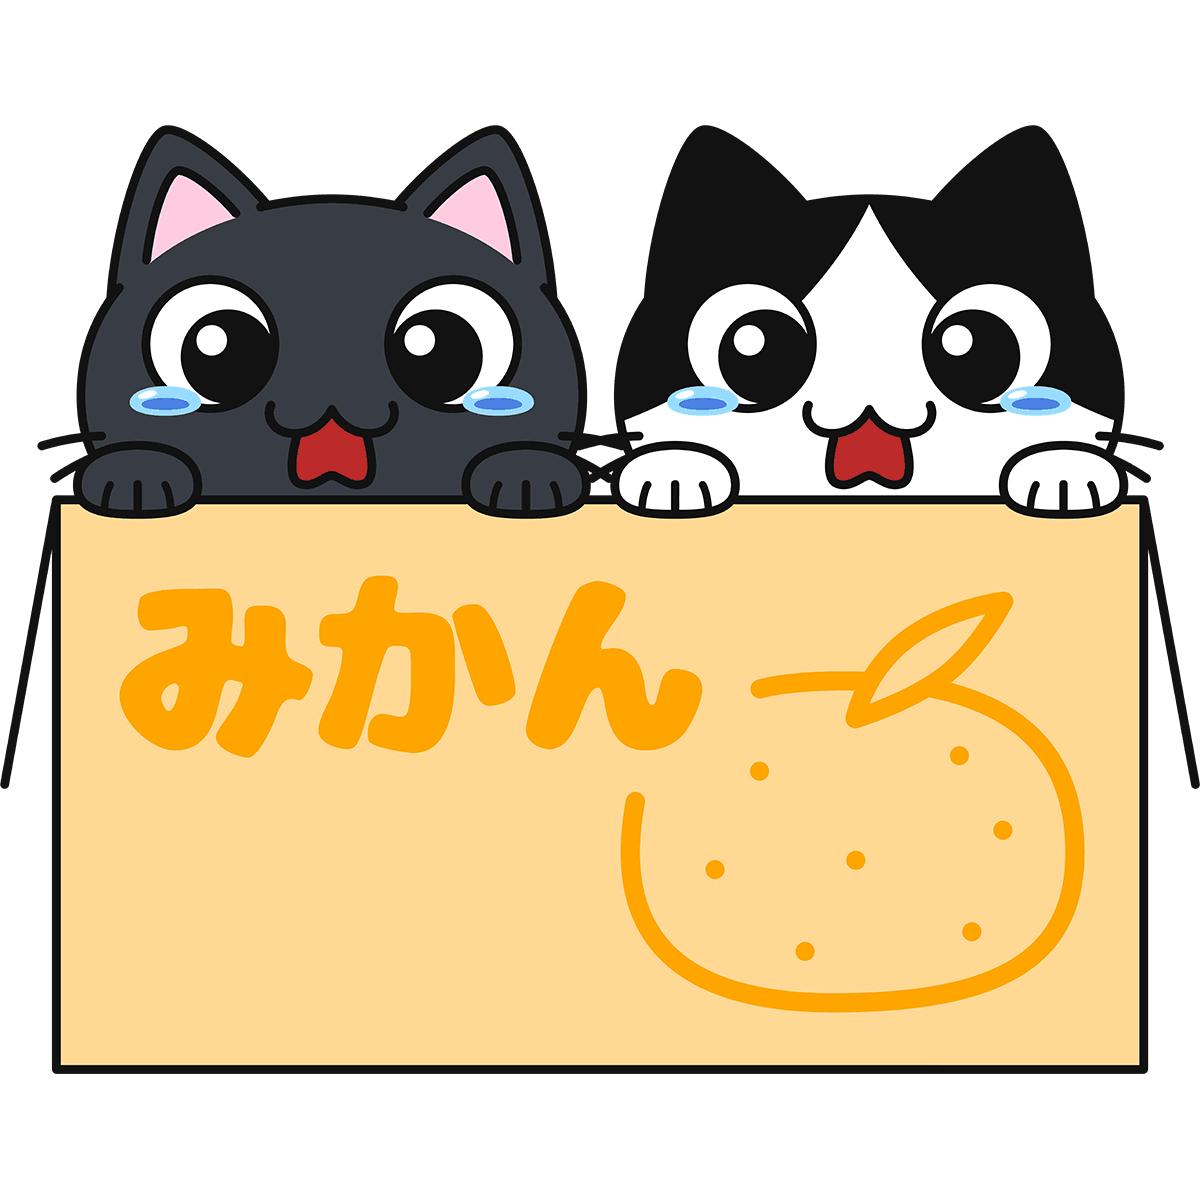 段ボールに入った子猫の無料イラスト